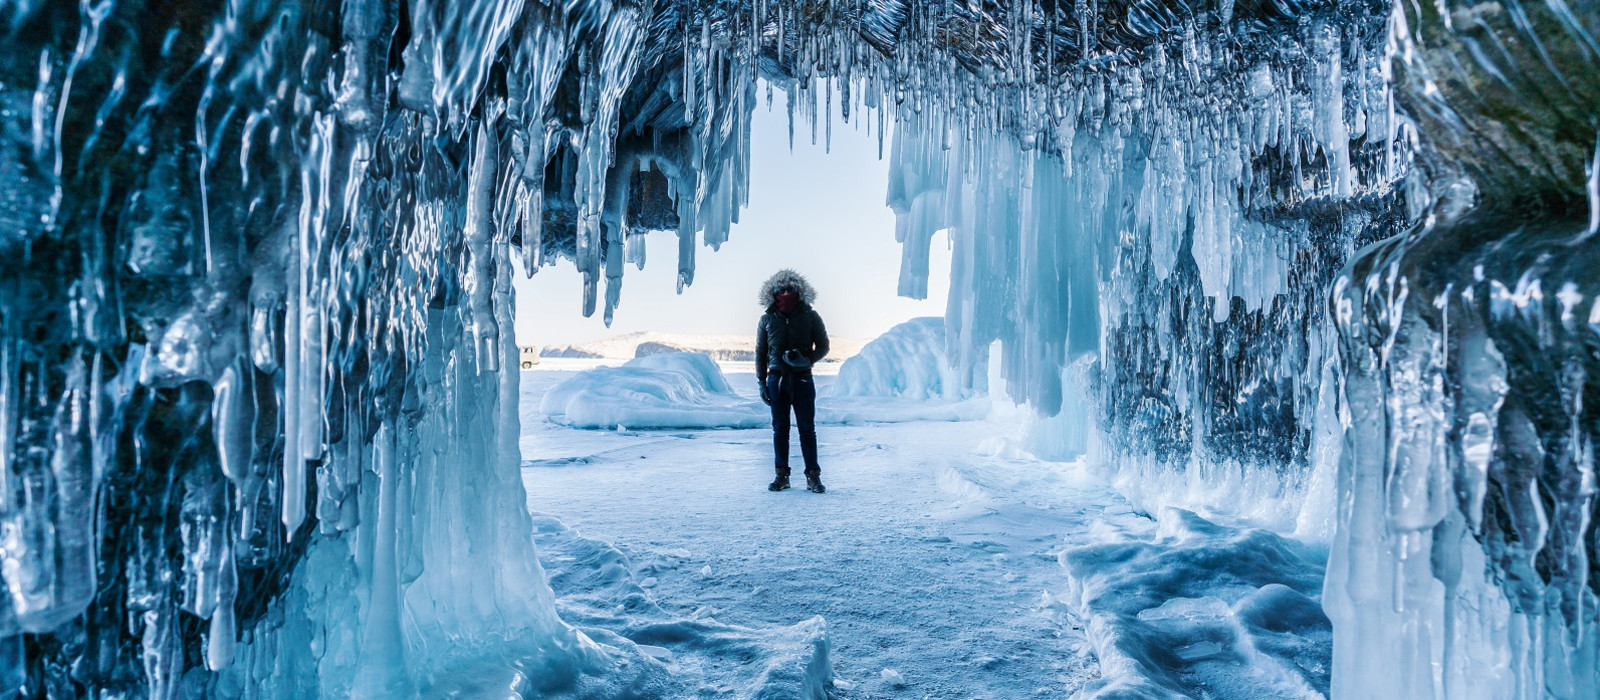 Ein Mann steht auf dem gefrorenen Baikalsee mit Eishöhle in Irkutsk Sibirien, Russland